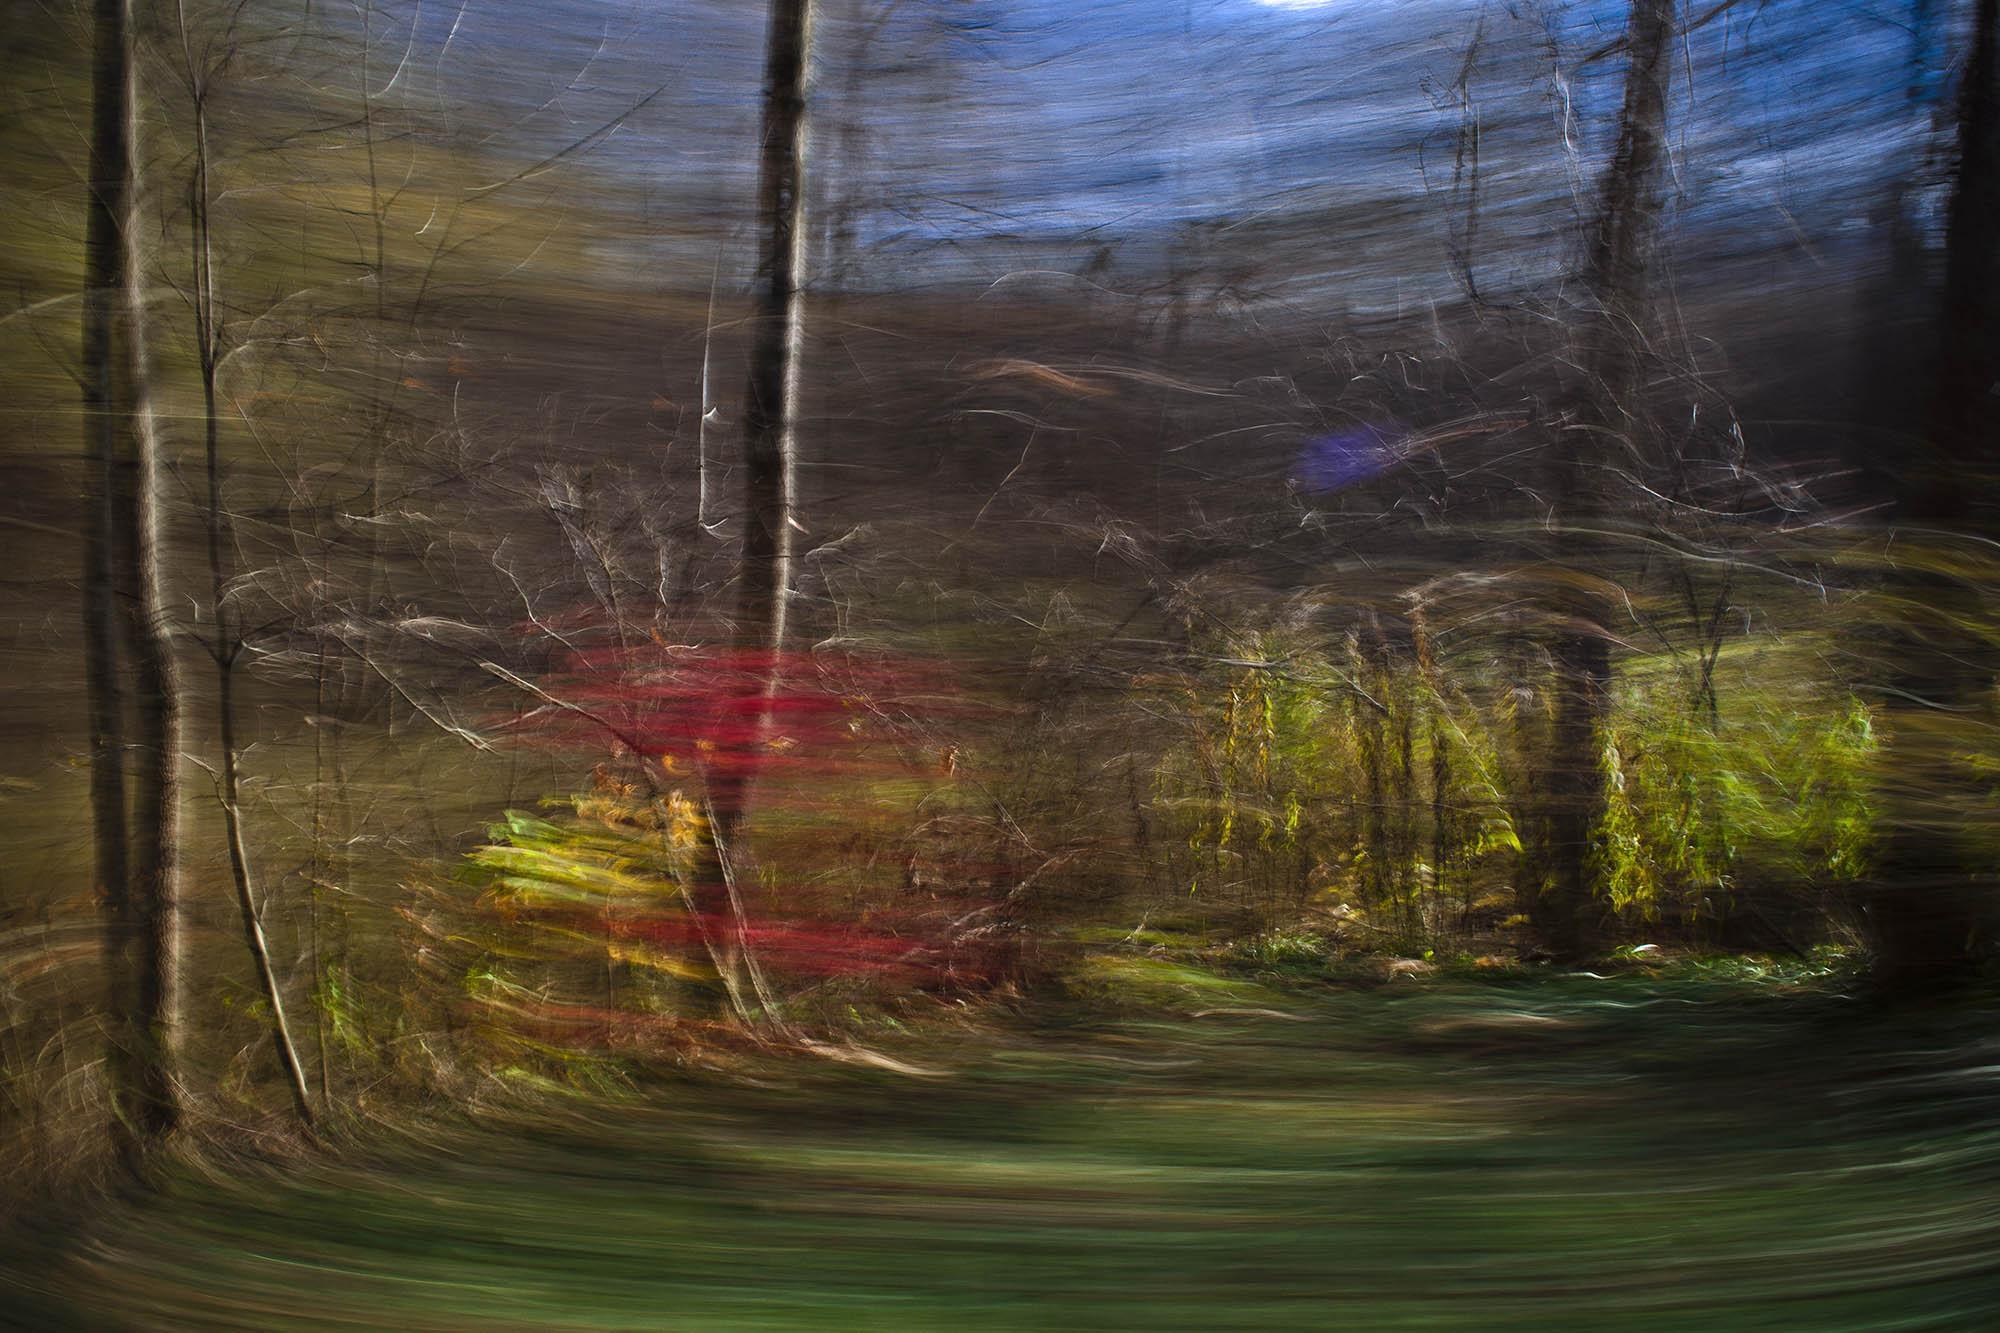 burning bush-0389.jpg